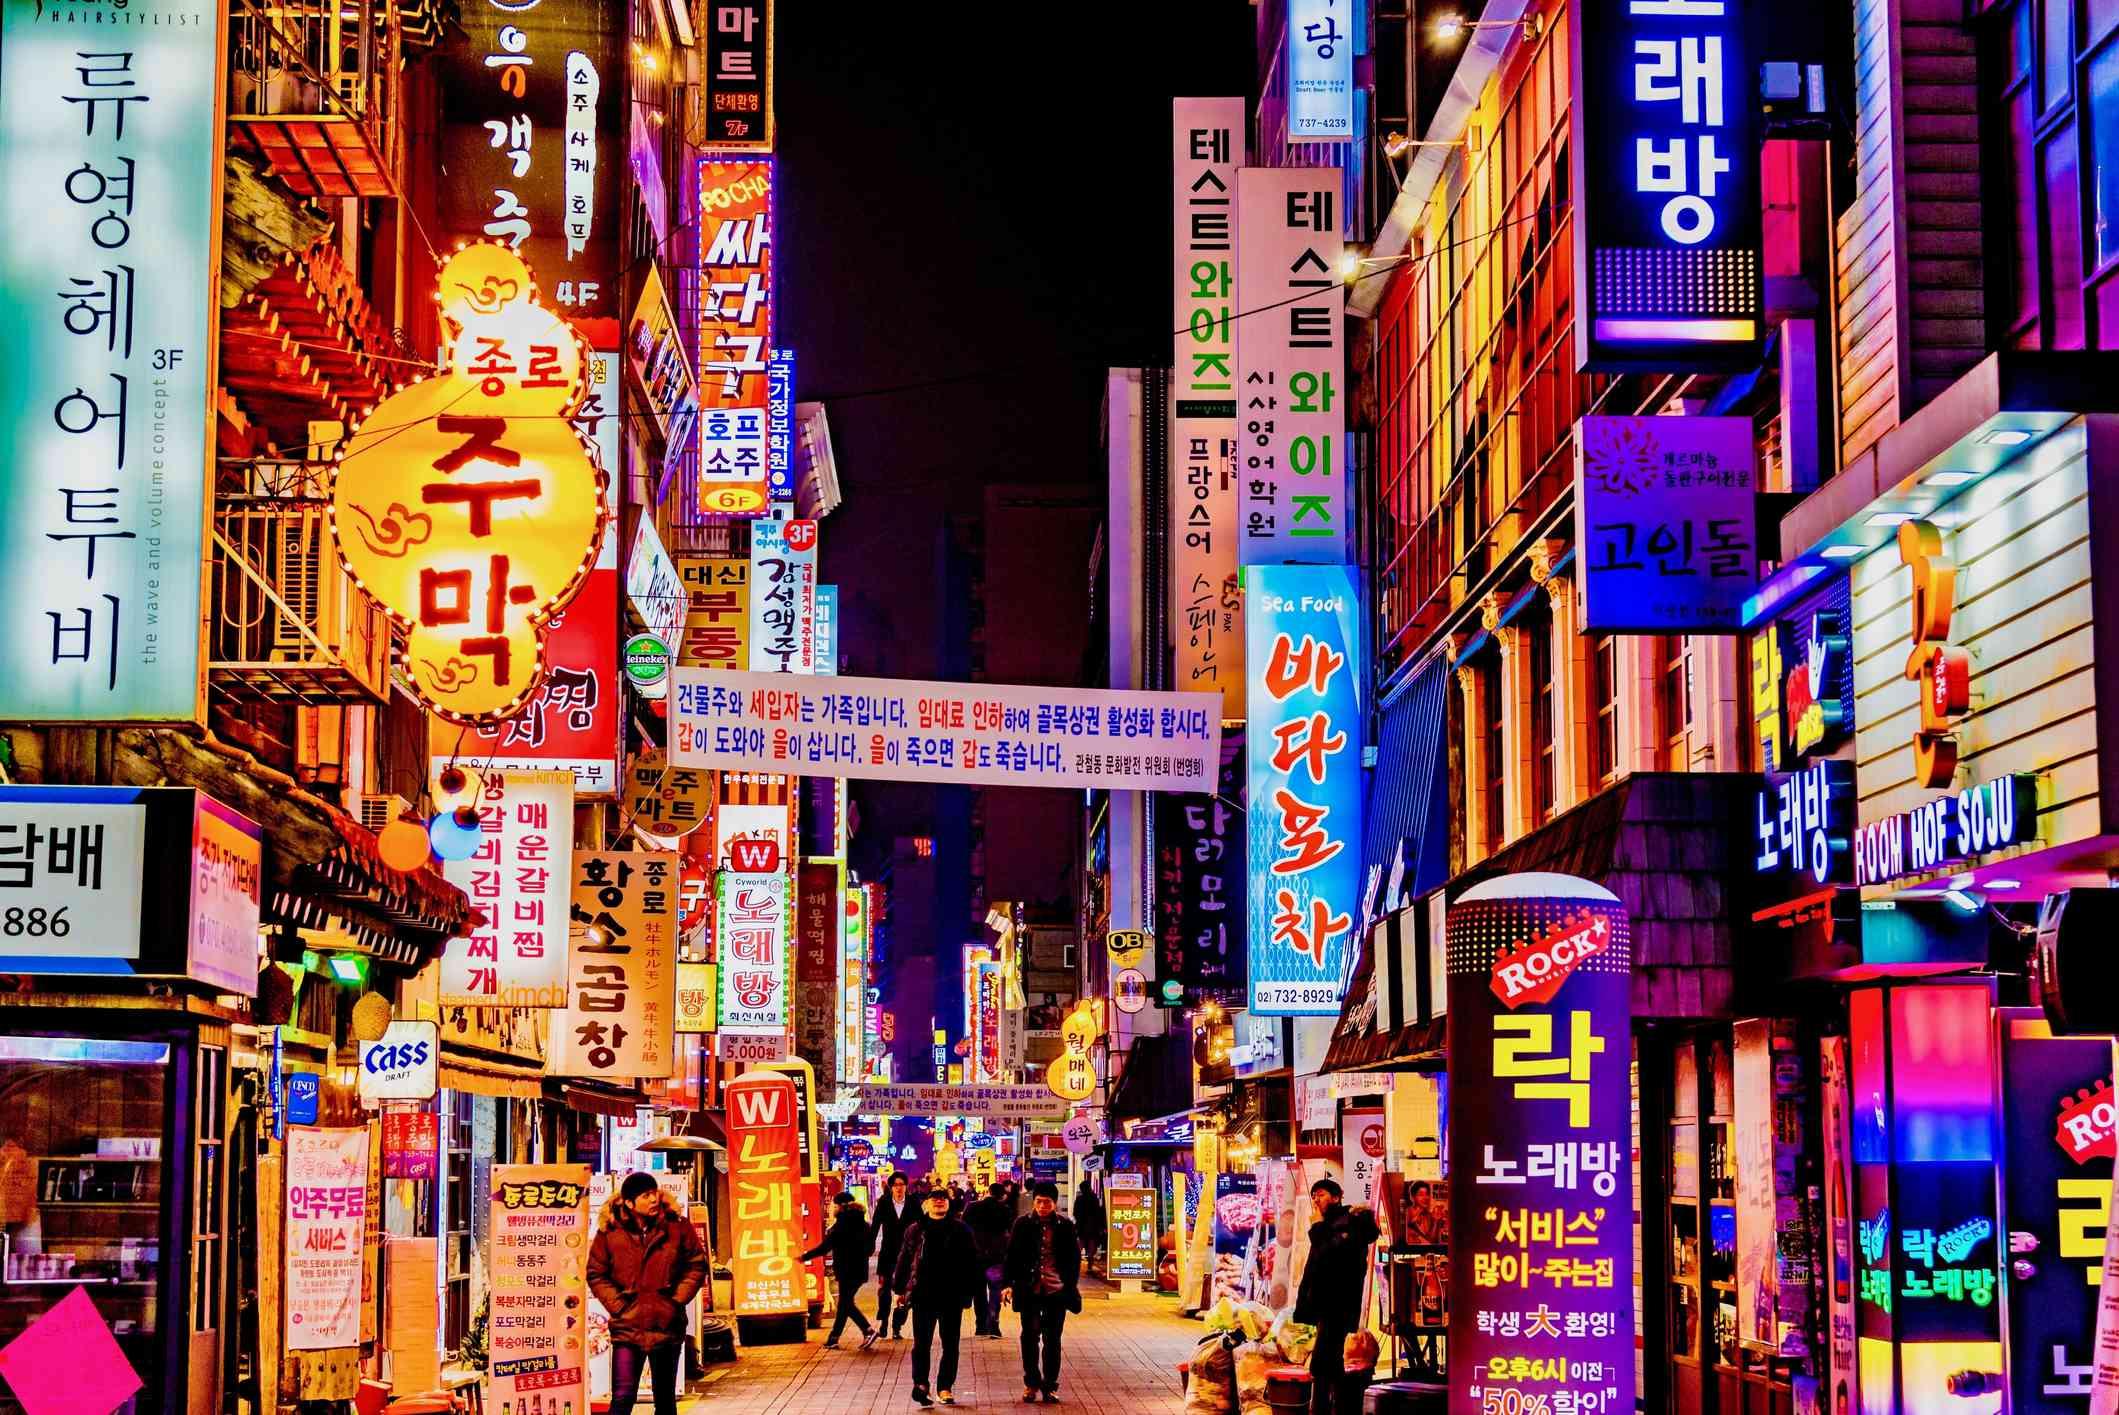 People walking between neon-lit buildings at night